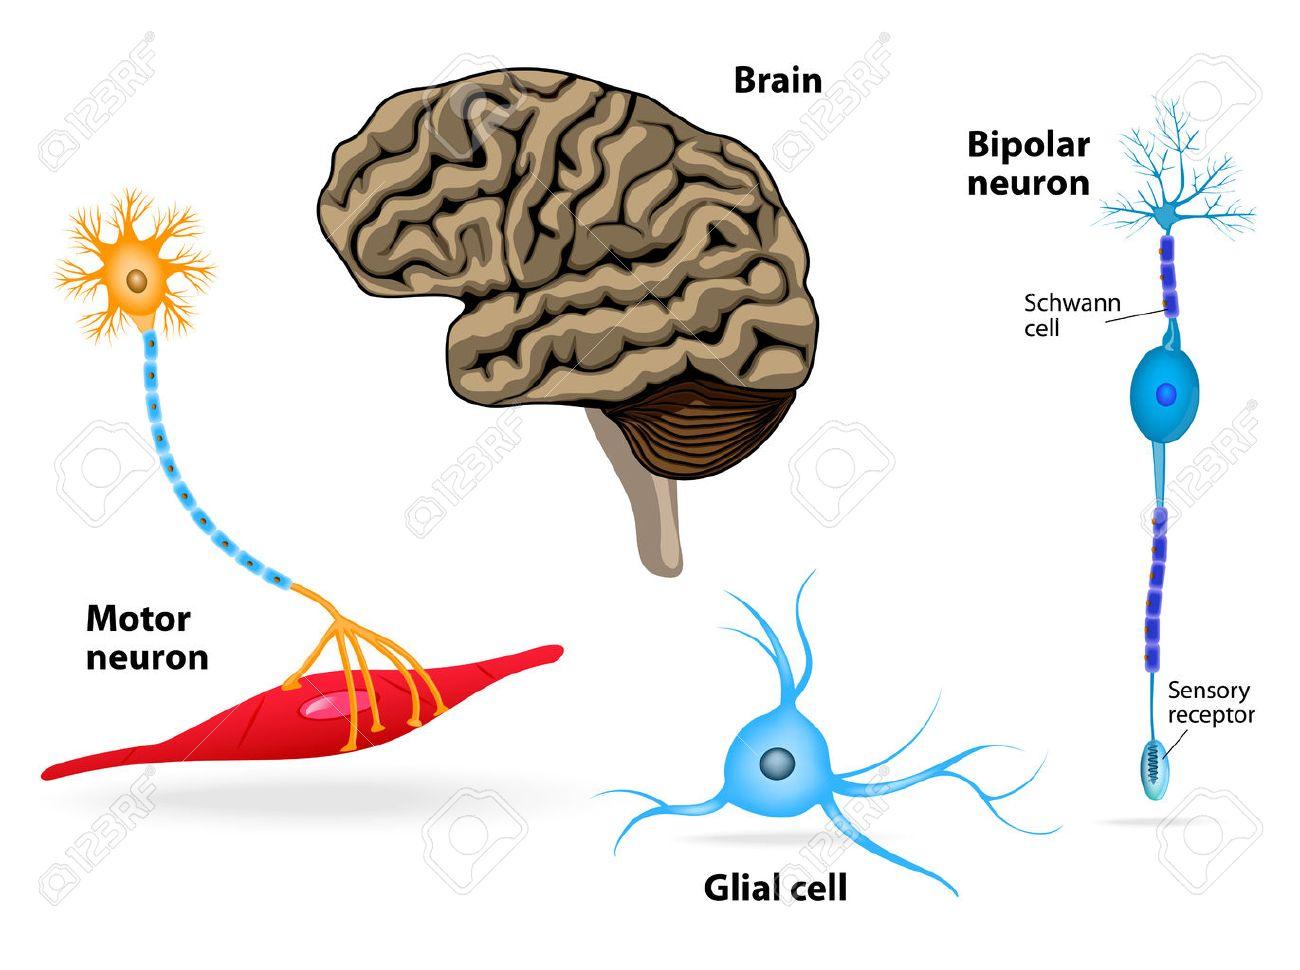 Système Nerveux. L\'anatomie Humaine. Cerveau, Des Neurones Moteurs ...